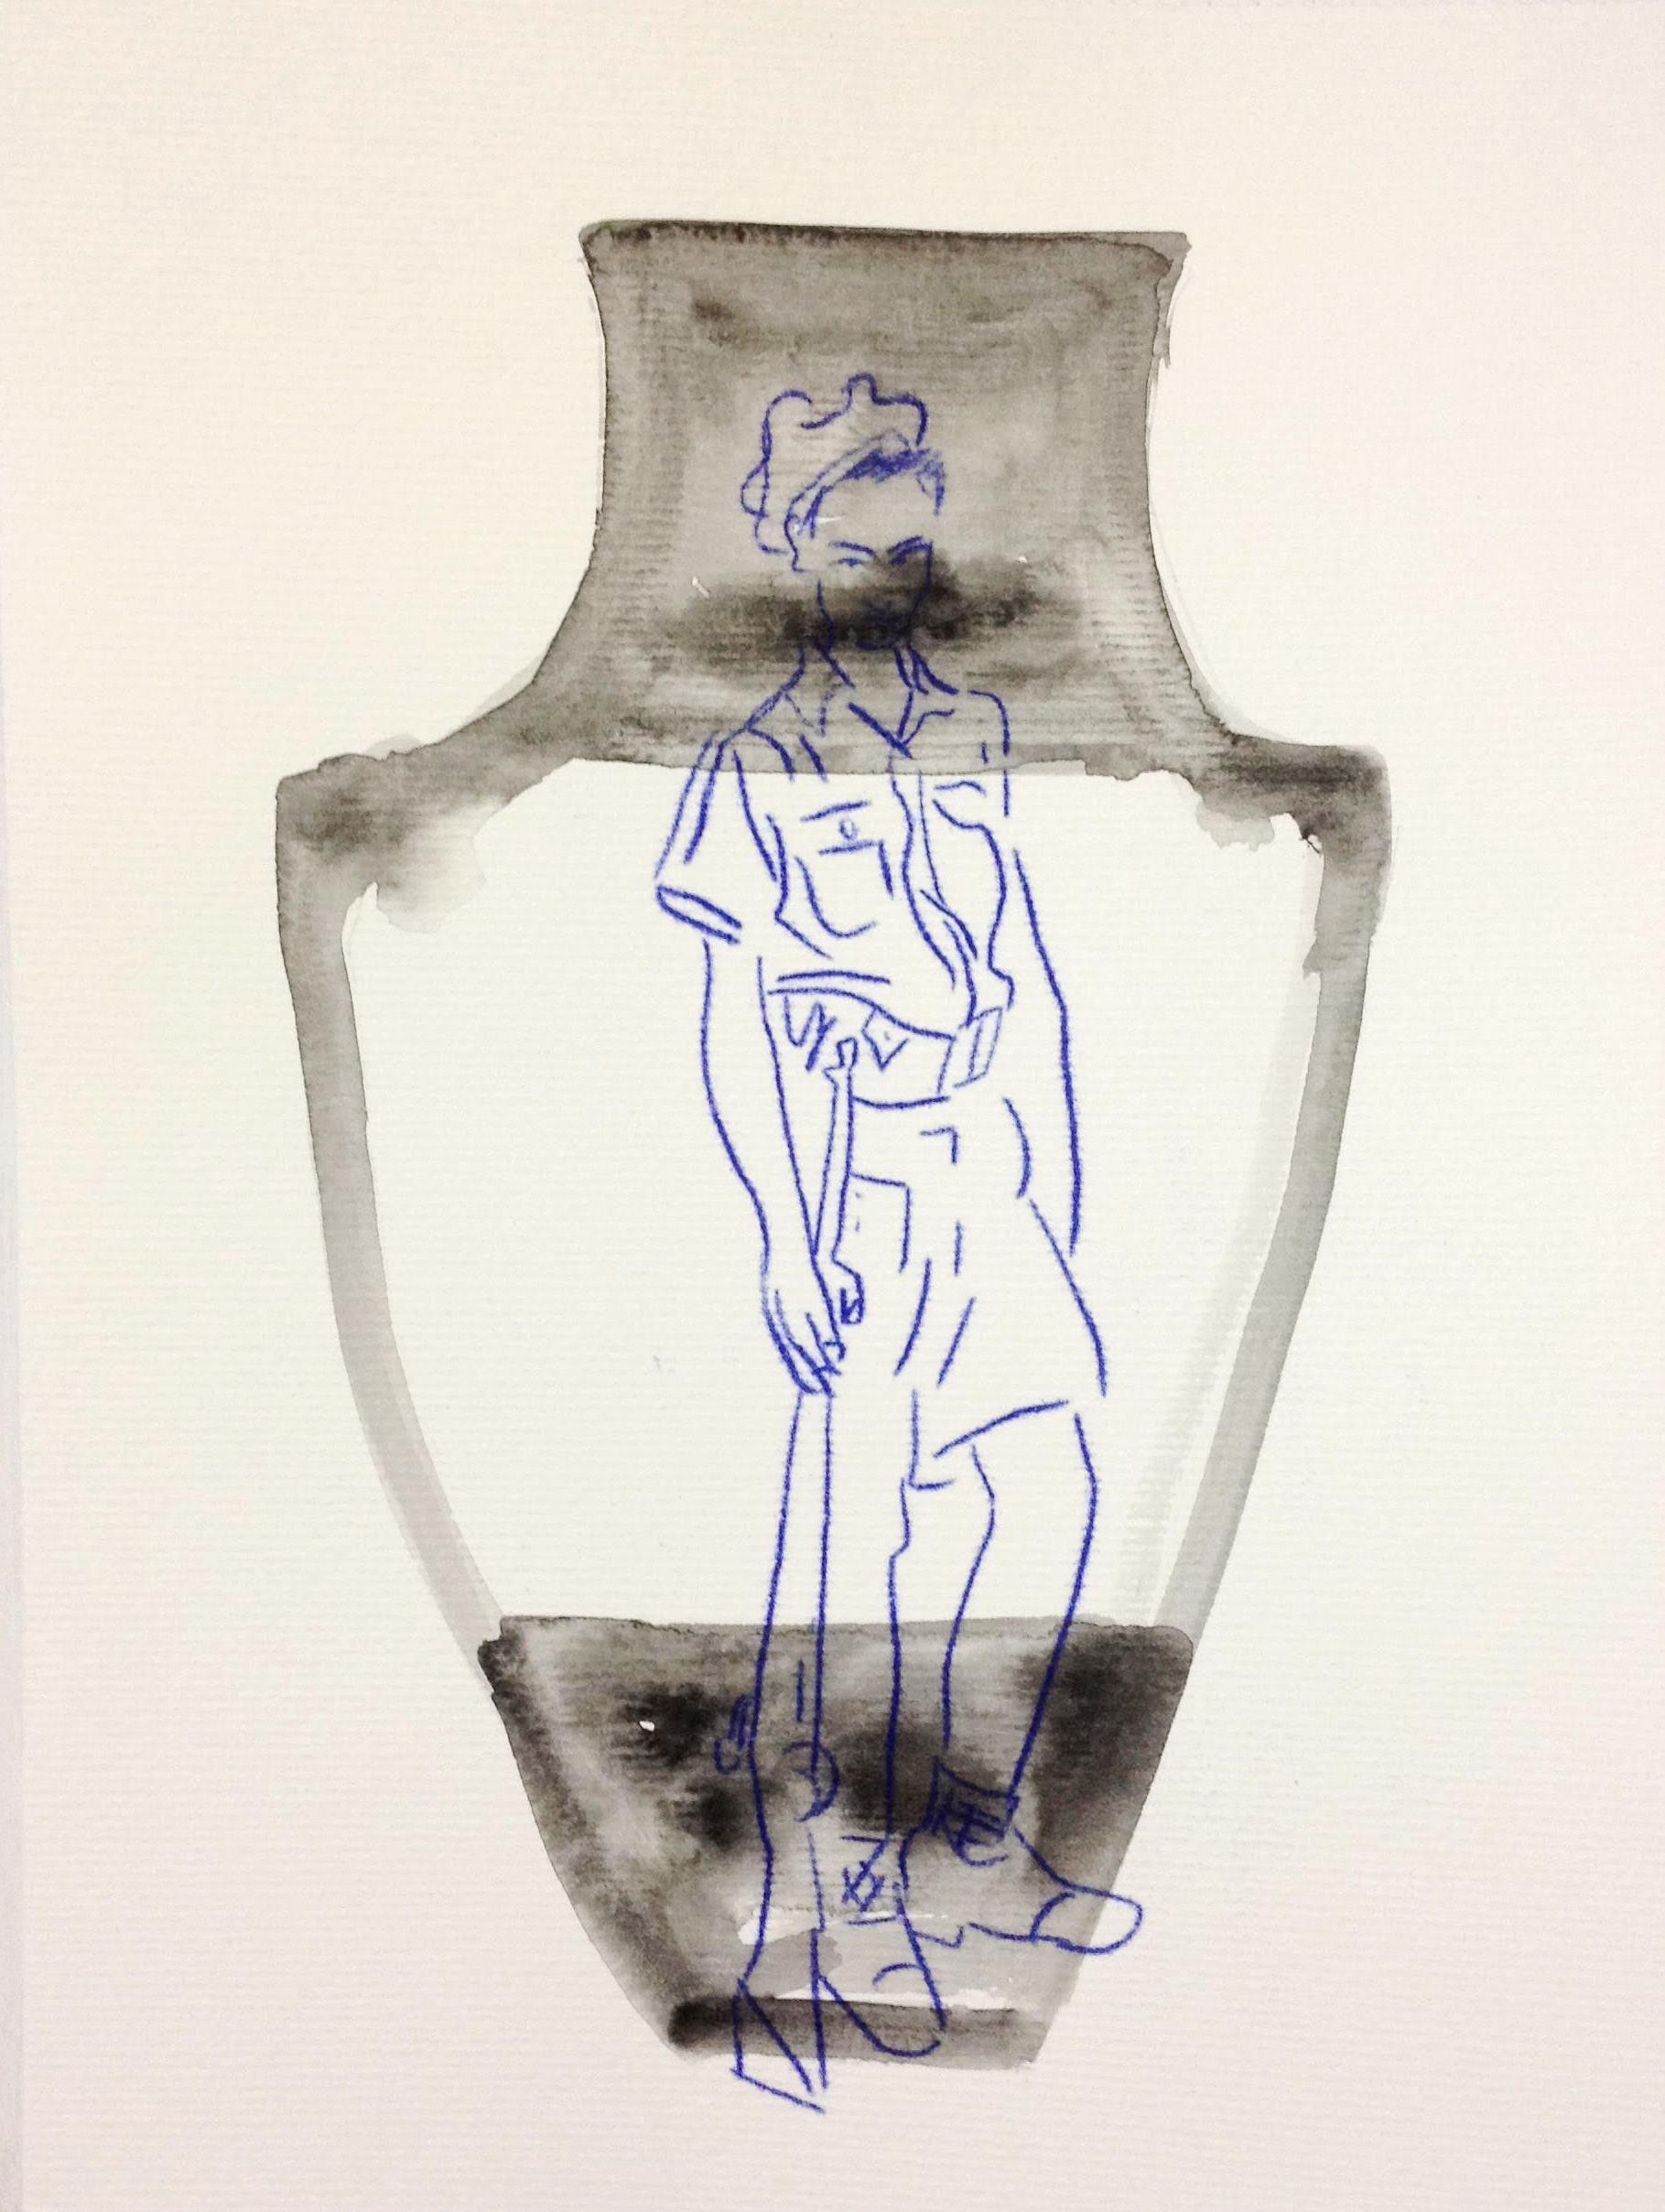 Liav Mizrahi, Untitled 3 (After Nahum Gutman)